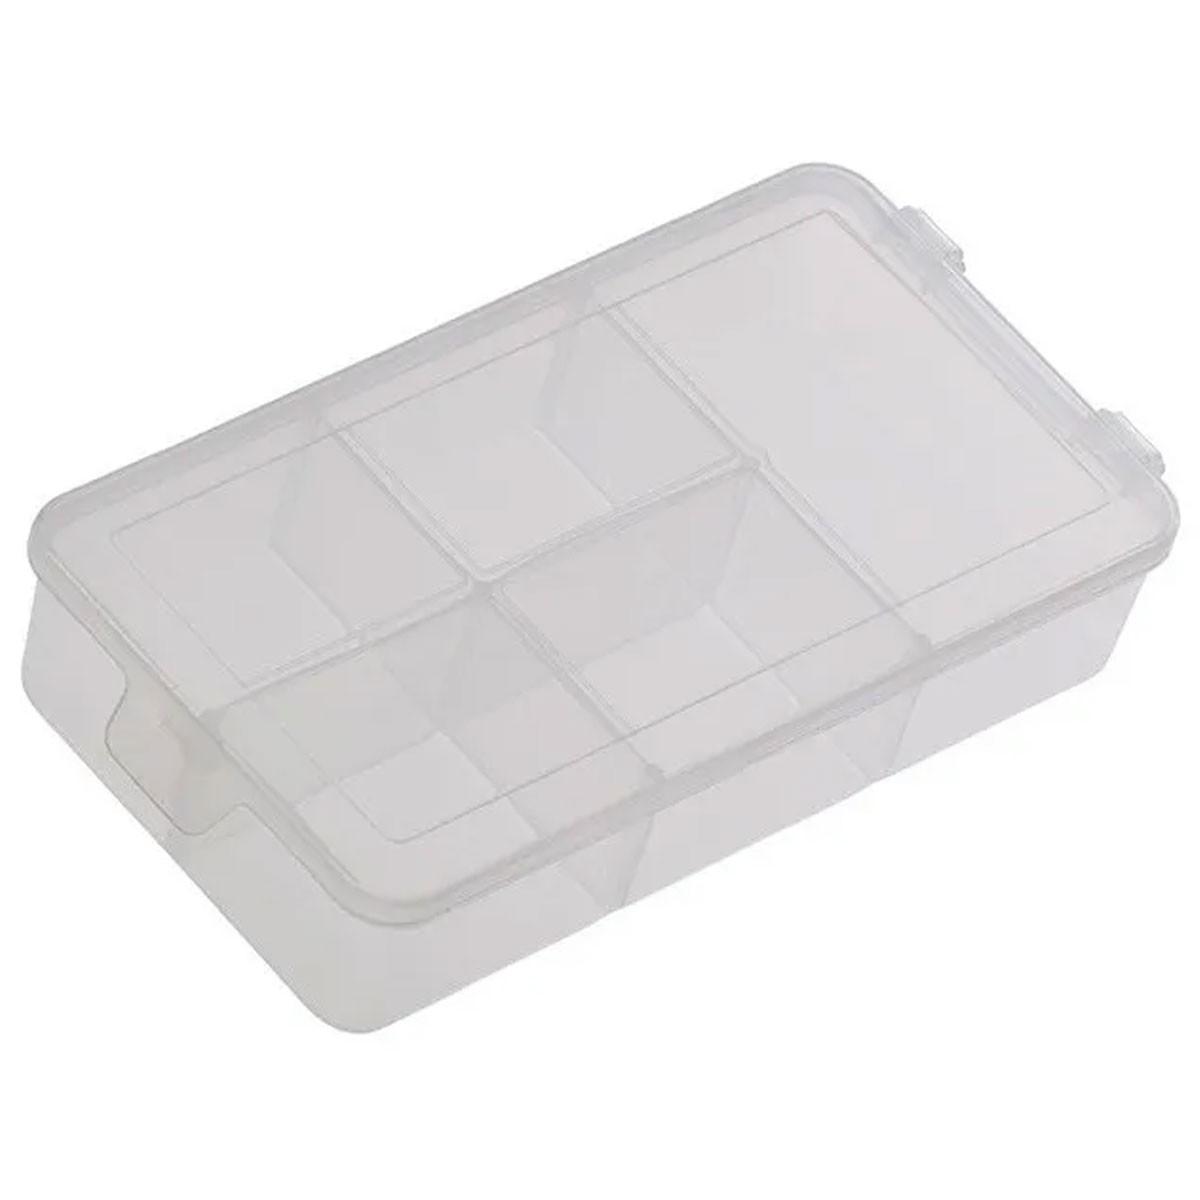 Caixa Organizadora P 16cm x 9cm x 3,5cm